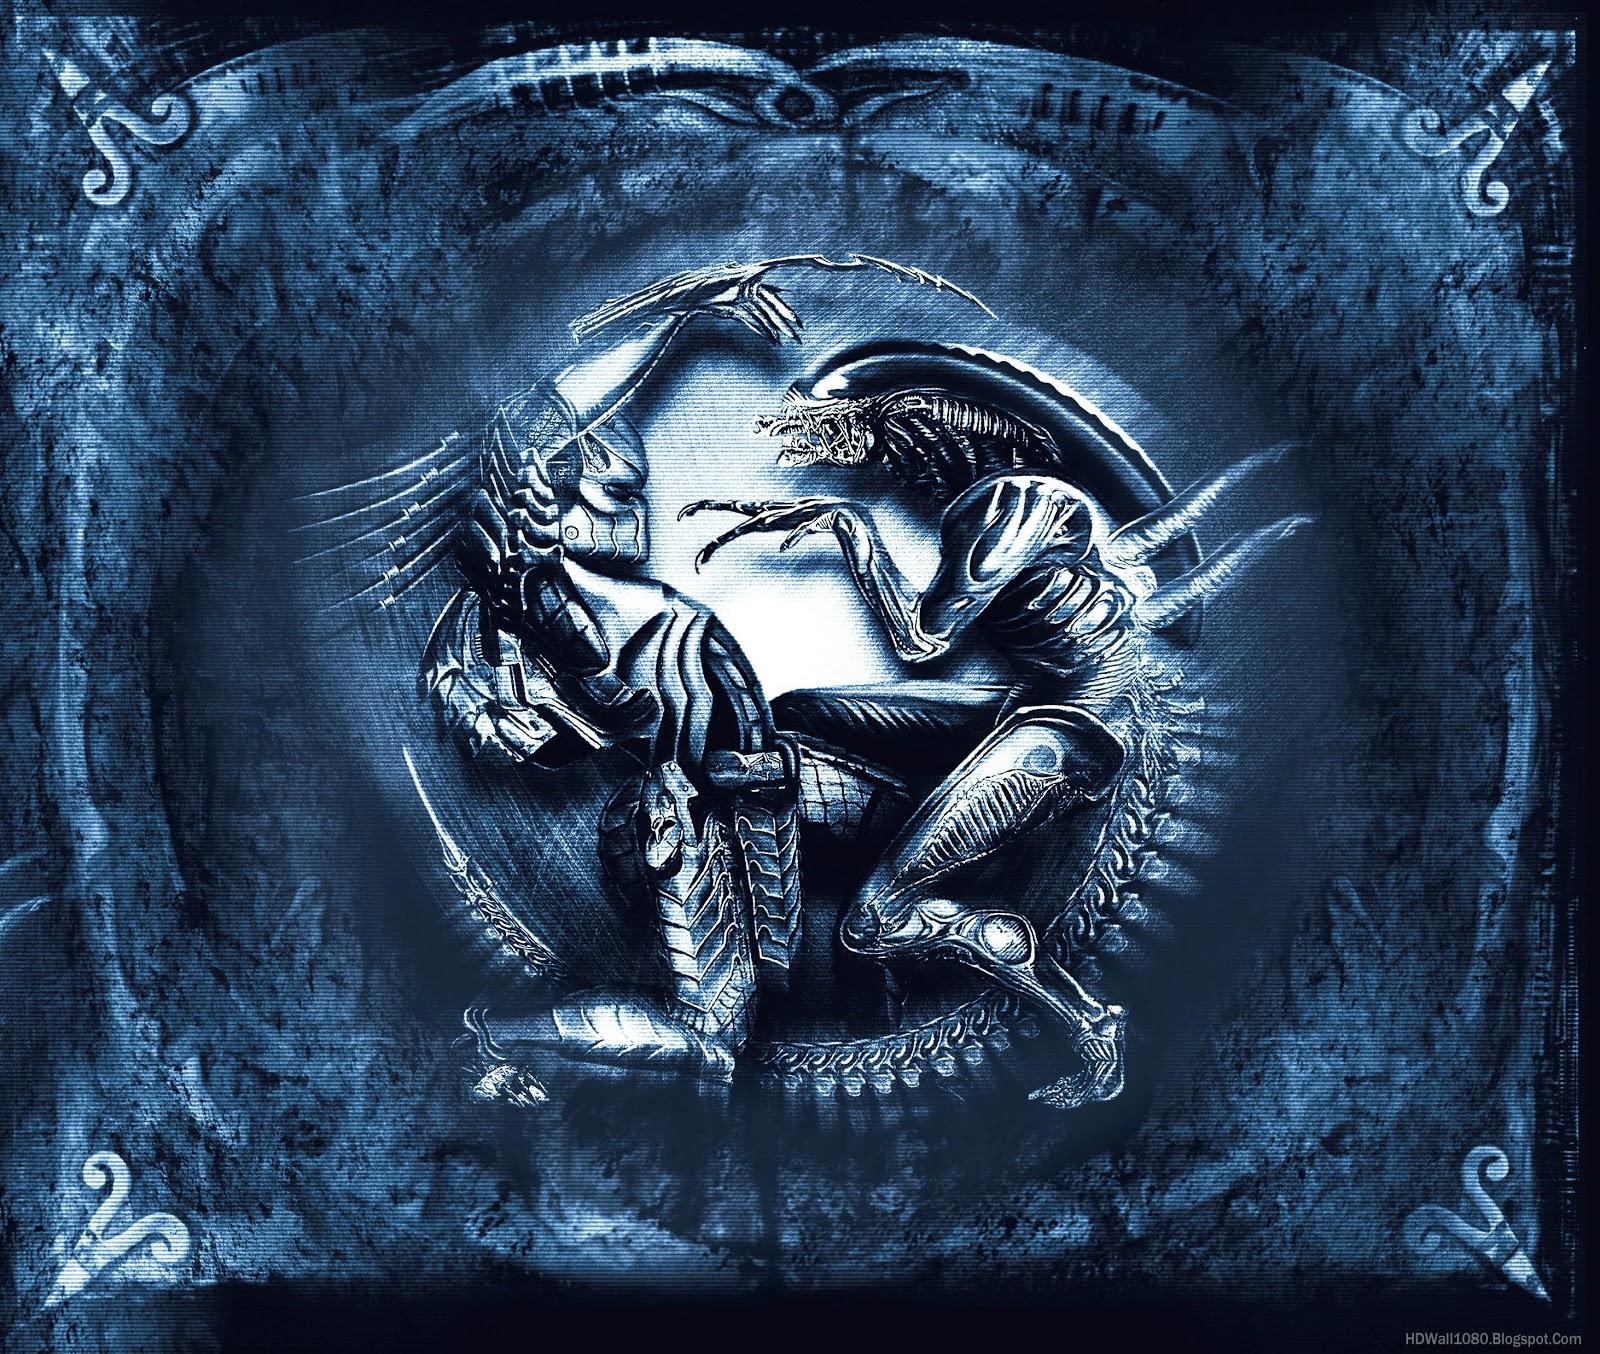 http://4.bp.blogspot.com/-EqV7bGFF_f4/ULjikUP_XWI/AAAAAAAABCk/opLdlMlSOPw/s1600/Alien+VS+Predator+Wallpaper.jpg